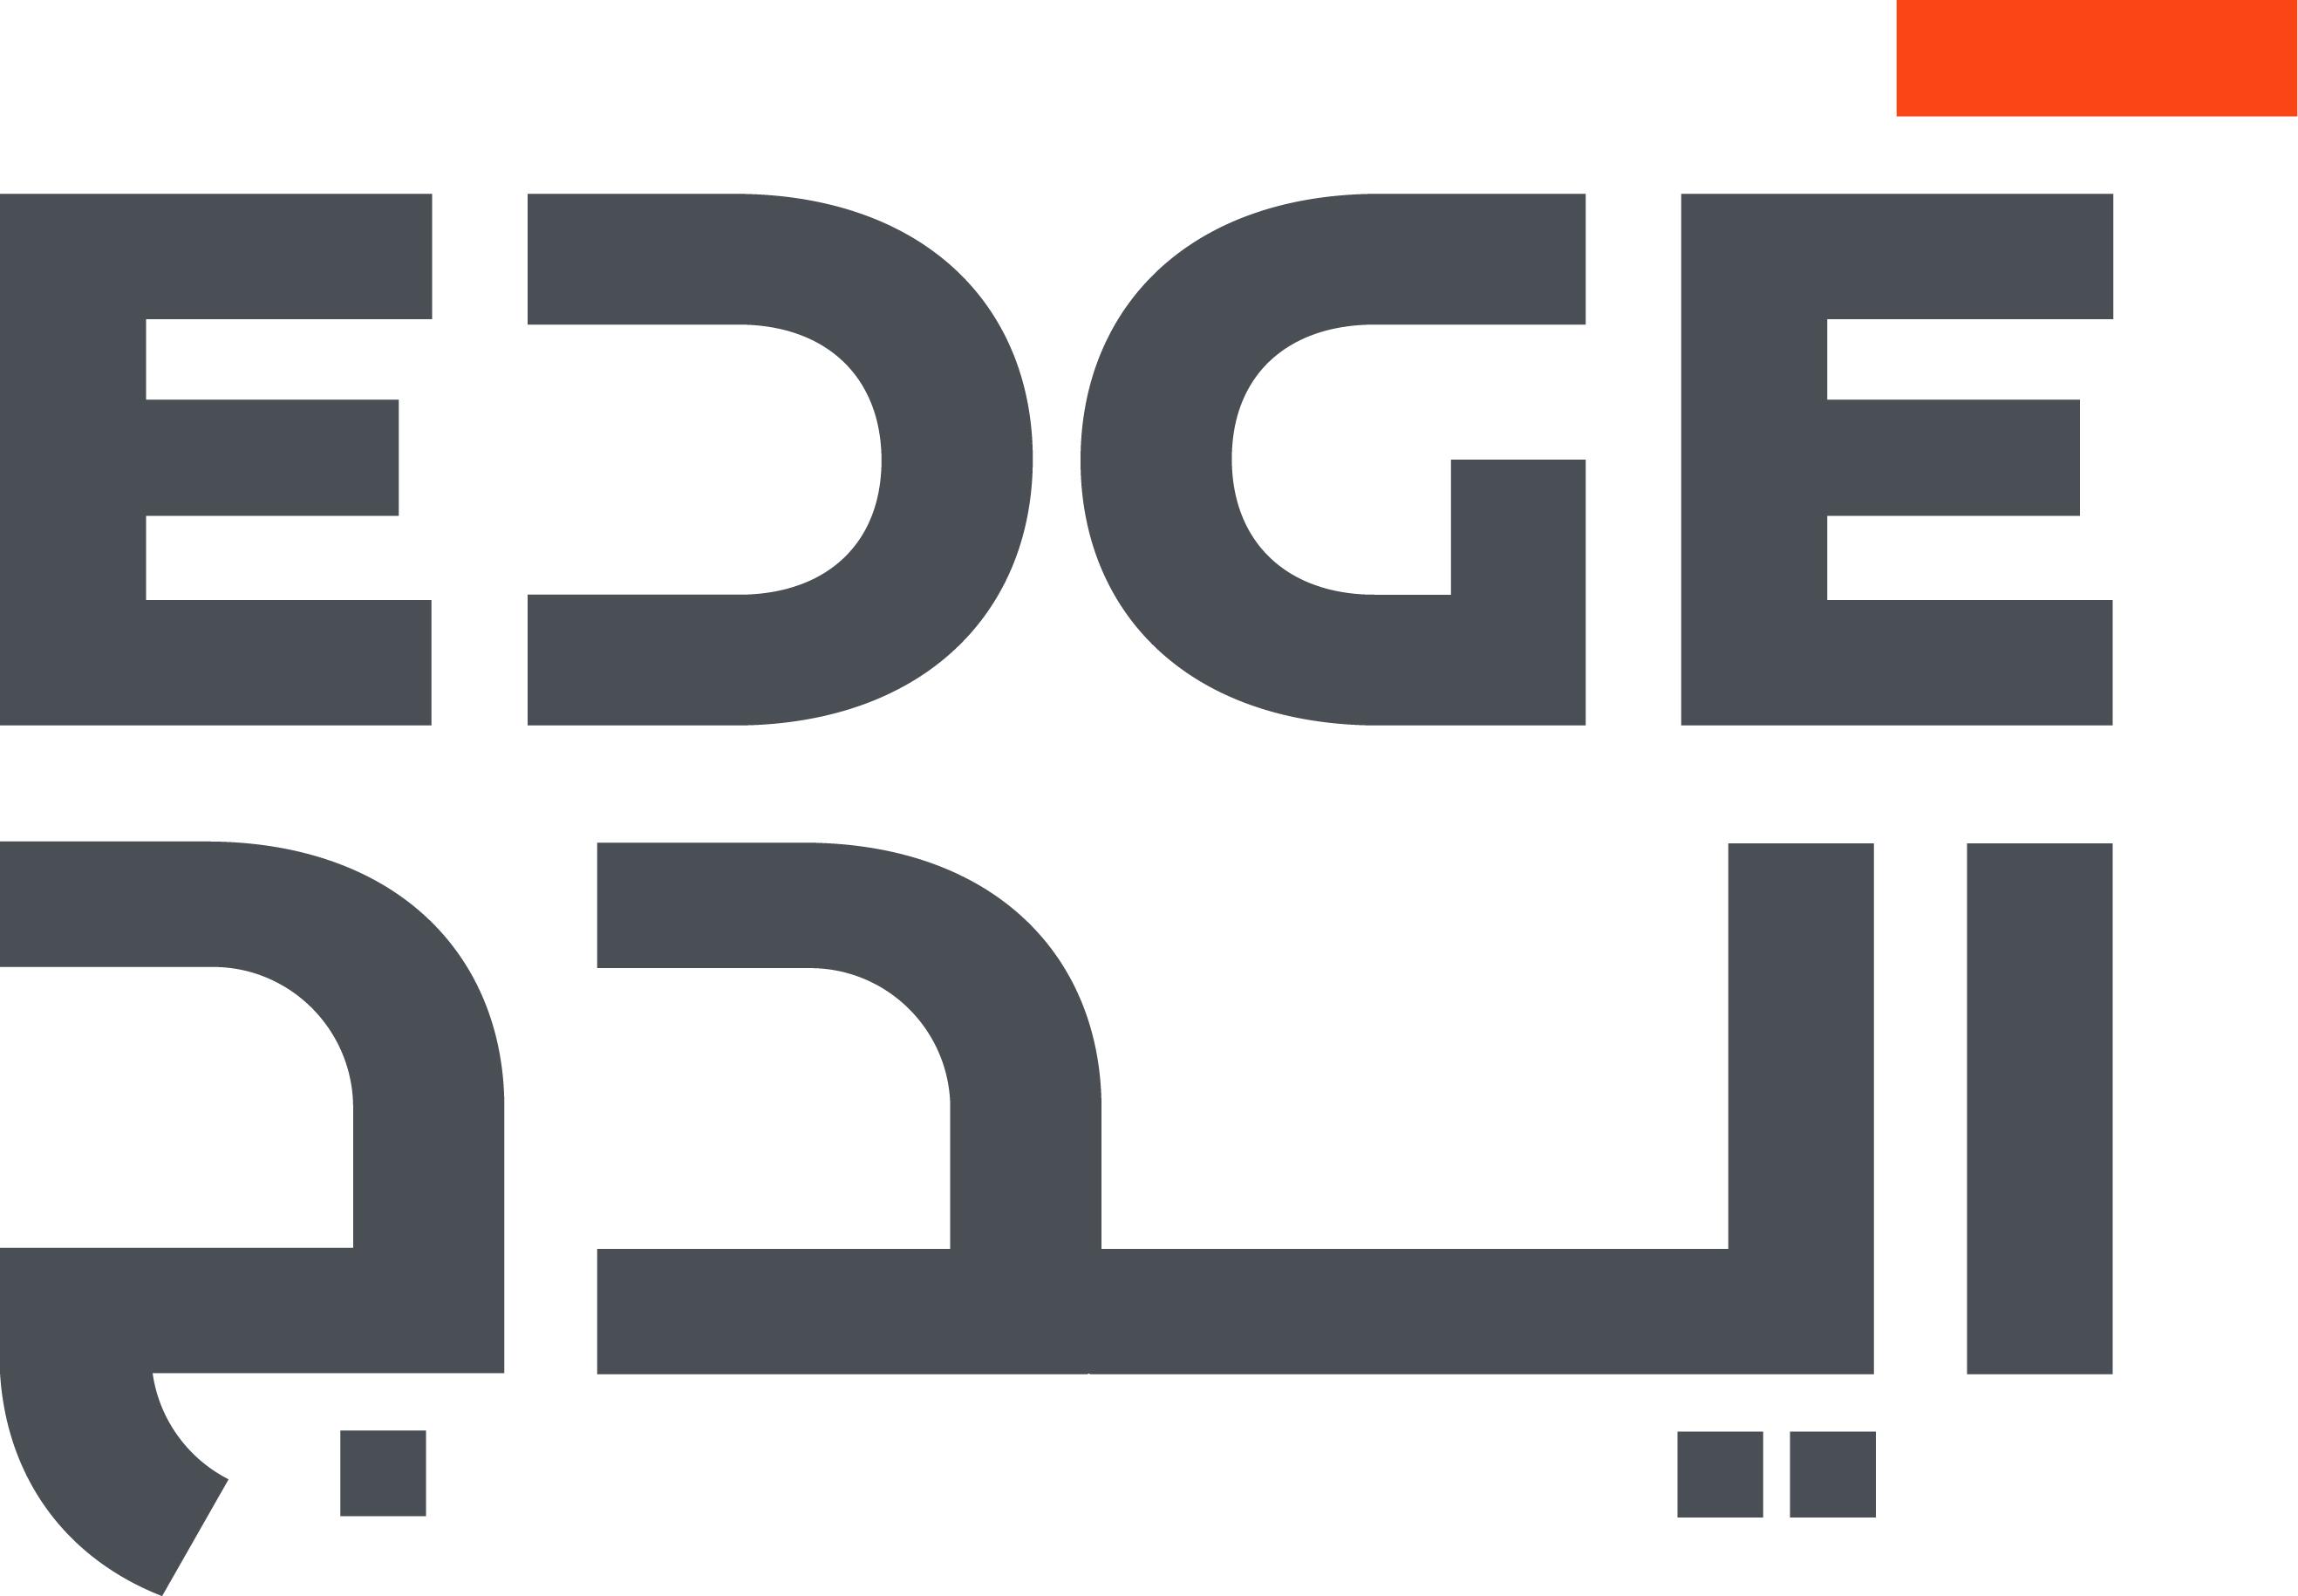 Agenzia stampa degli Emirati - EDGE annuncia un accordo strategico con le  industrie aerospaziali israeliane